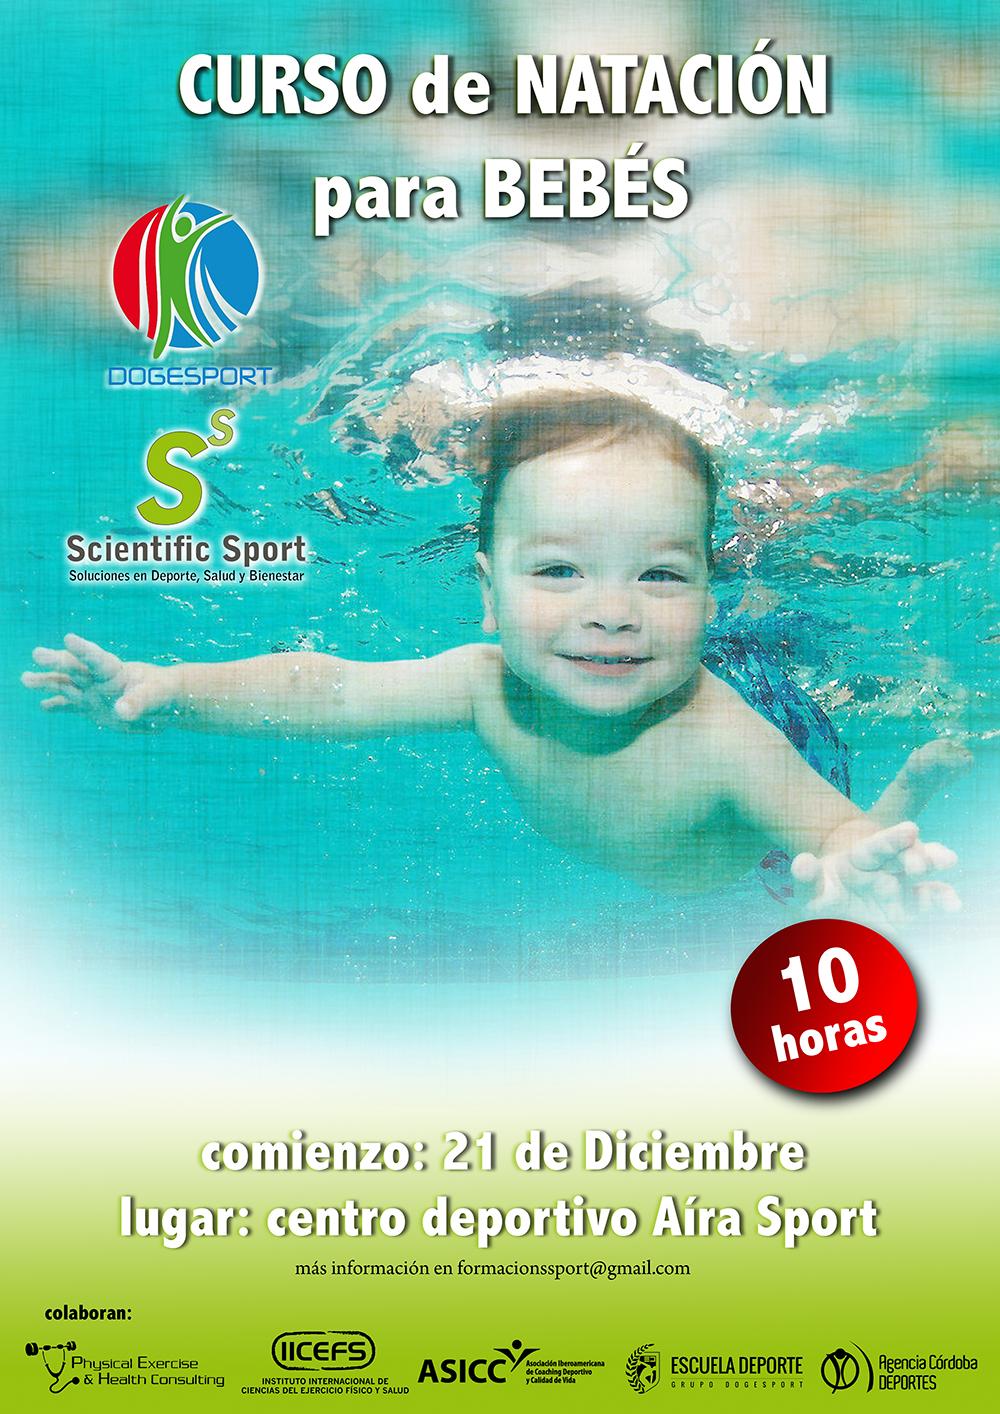 Curso de nataci n para beb s dogesport for Clases de piscina para bebes